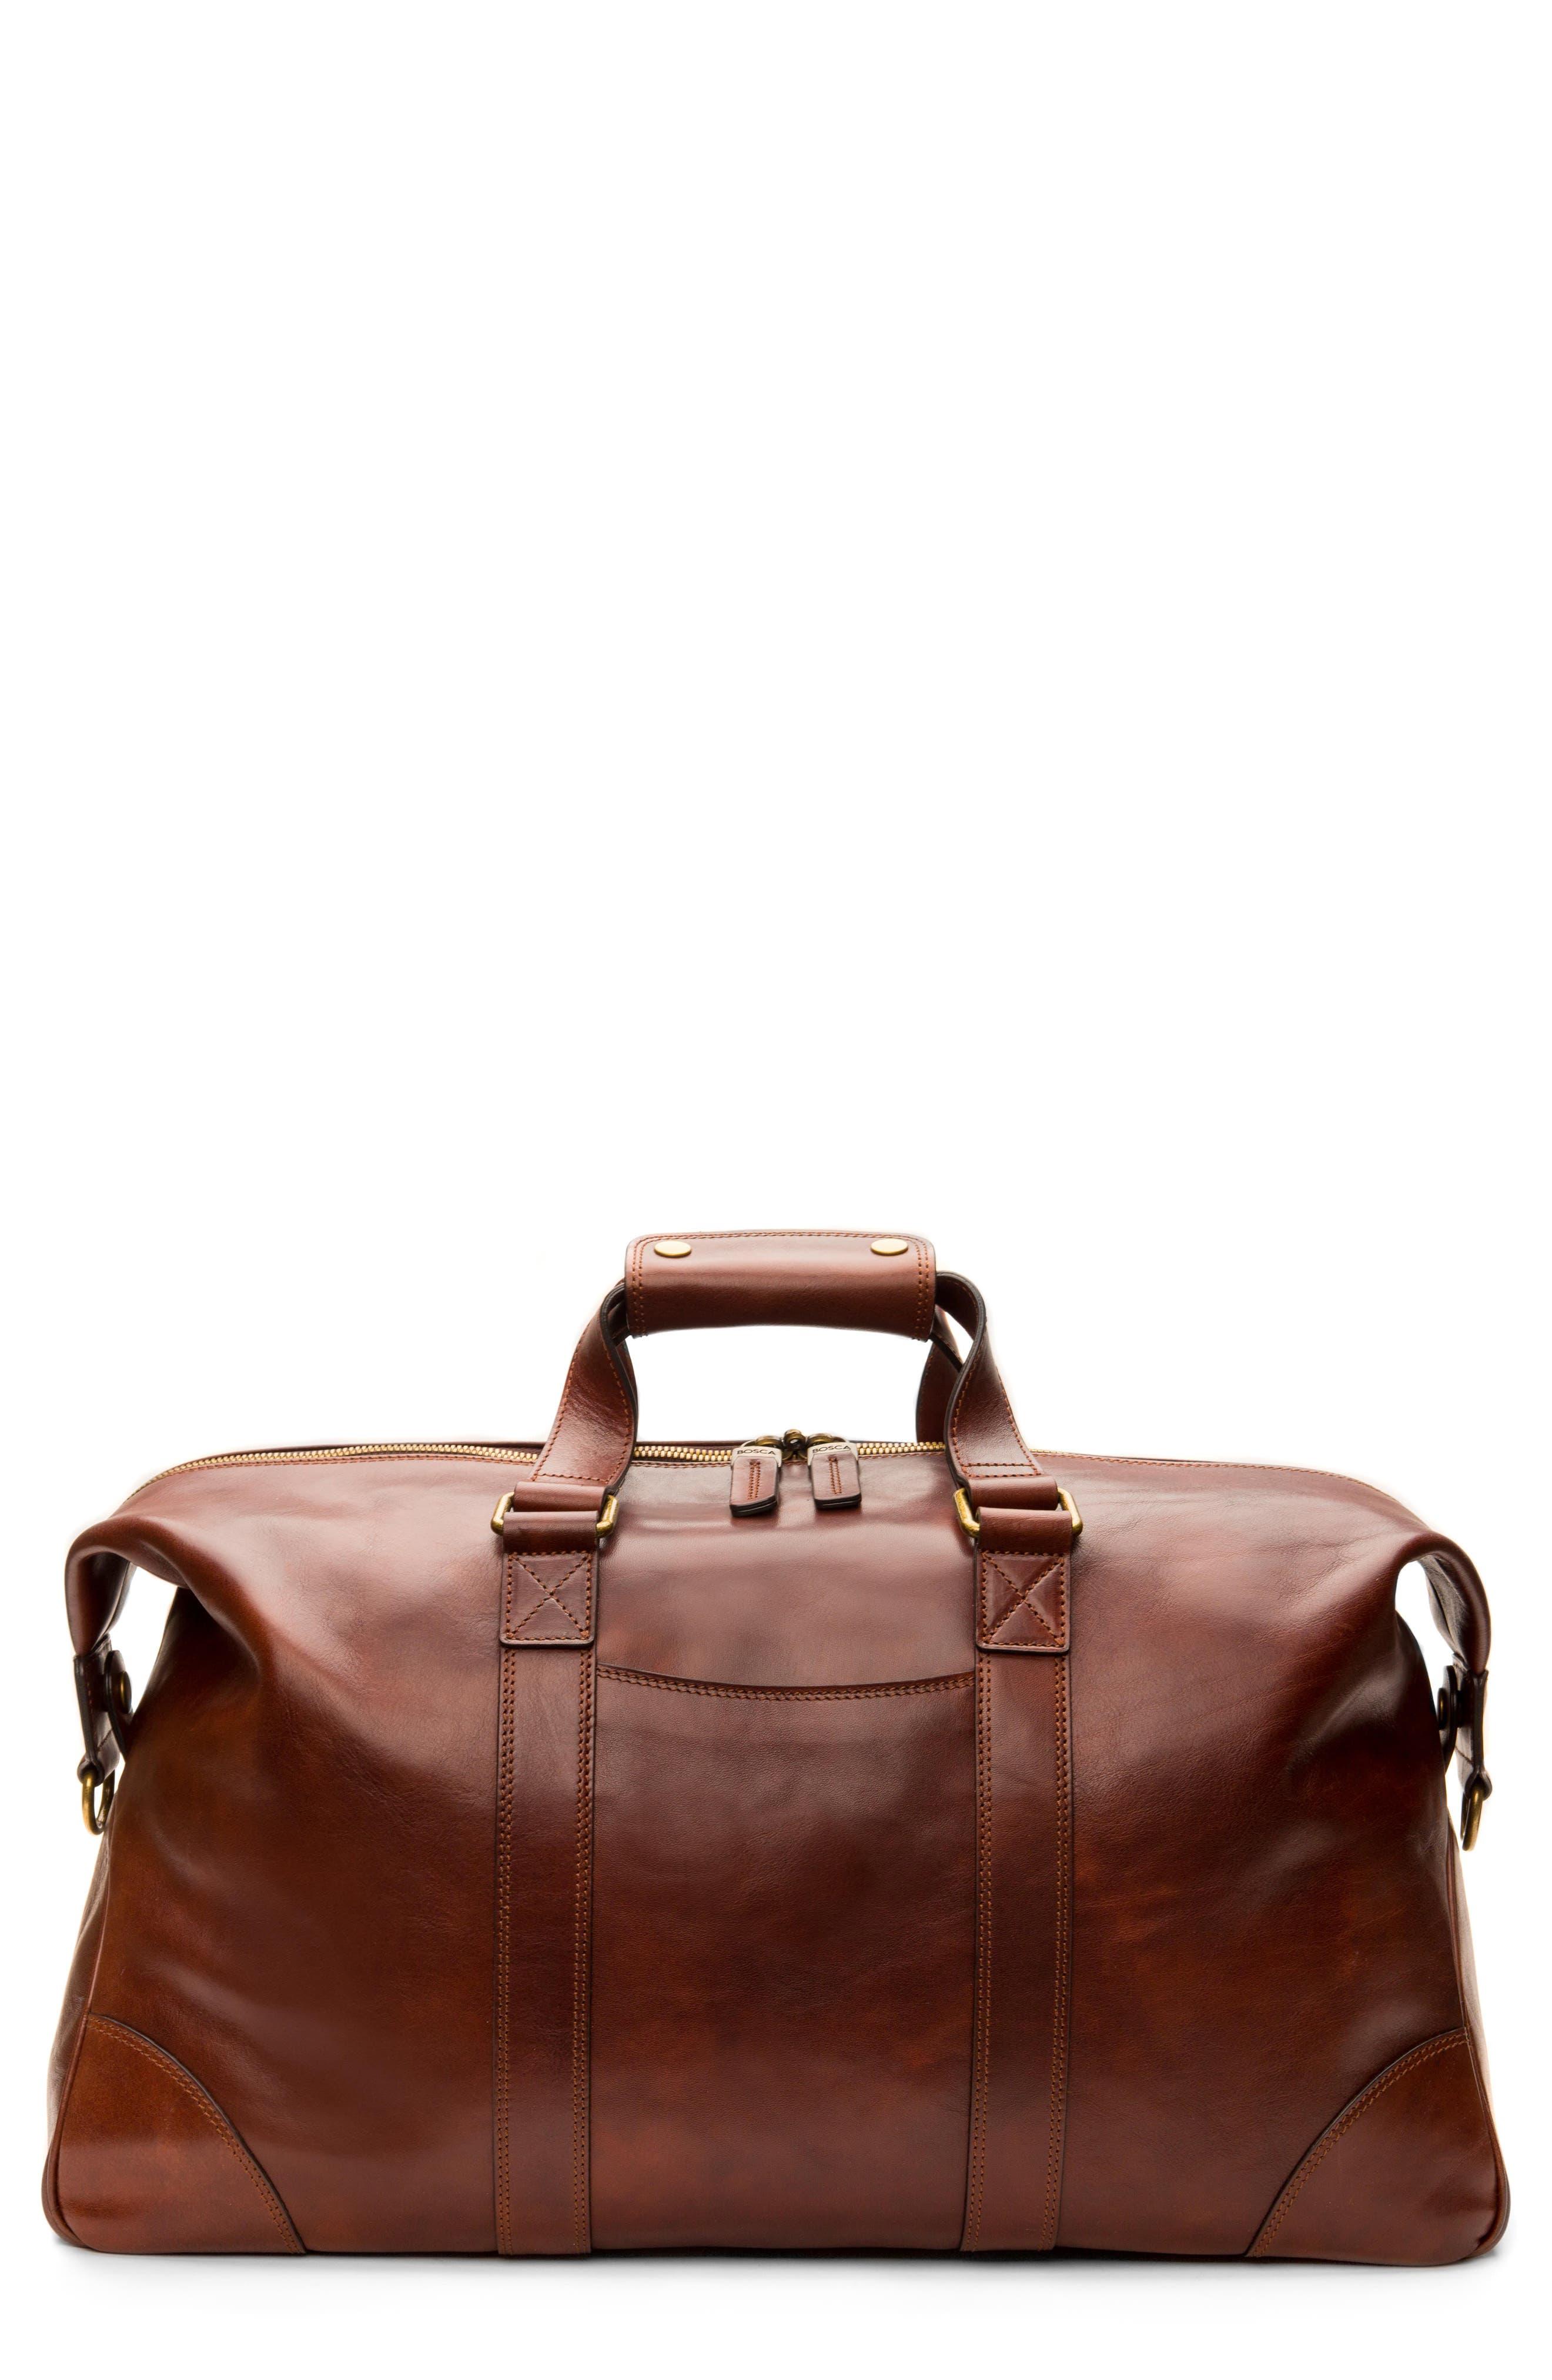 Bosca Leather Duffel Bag